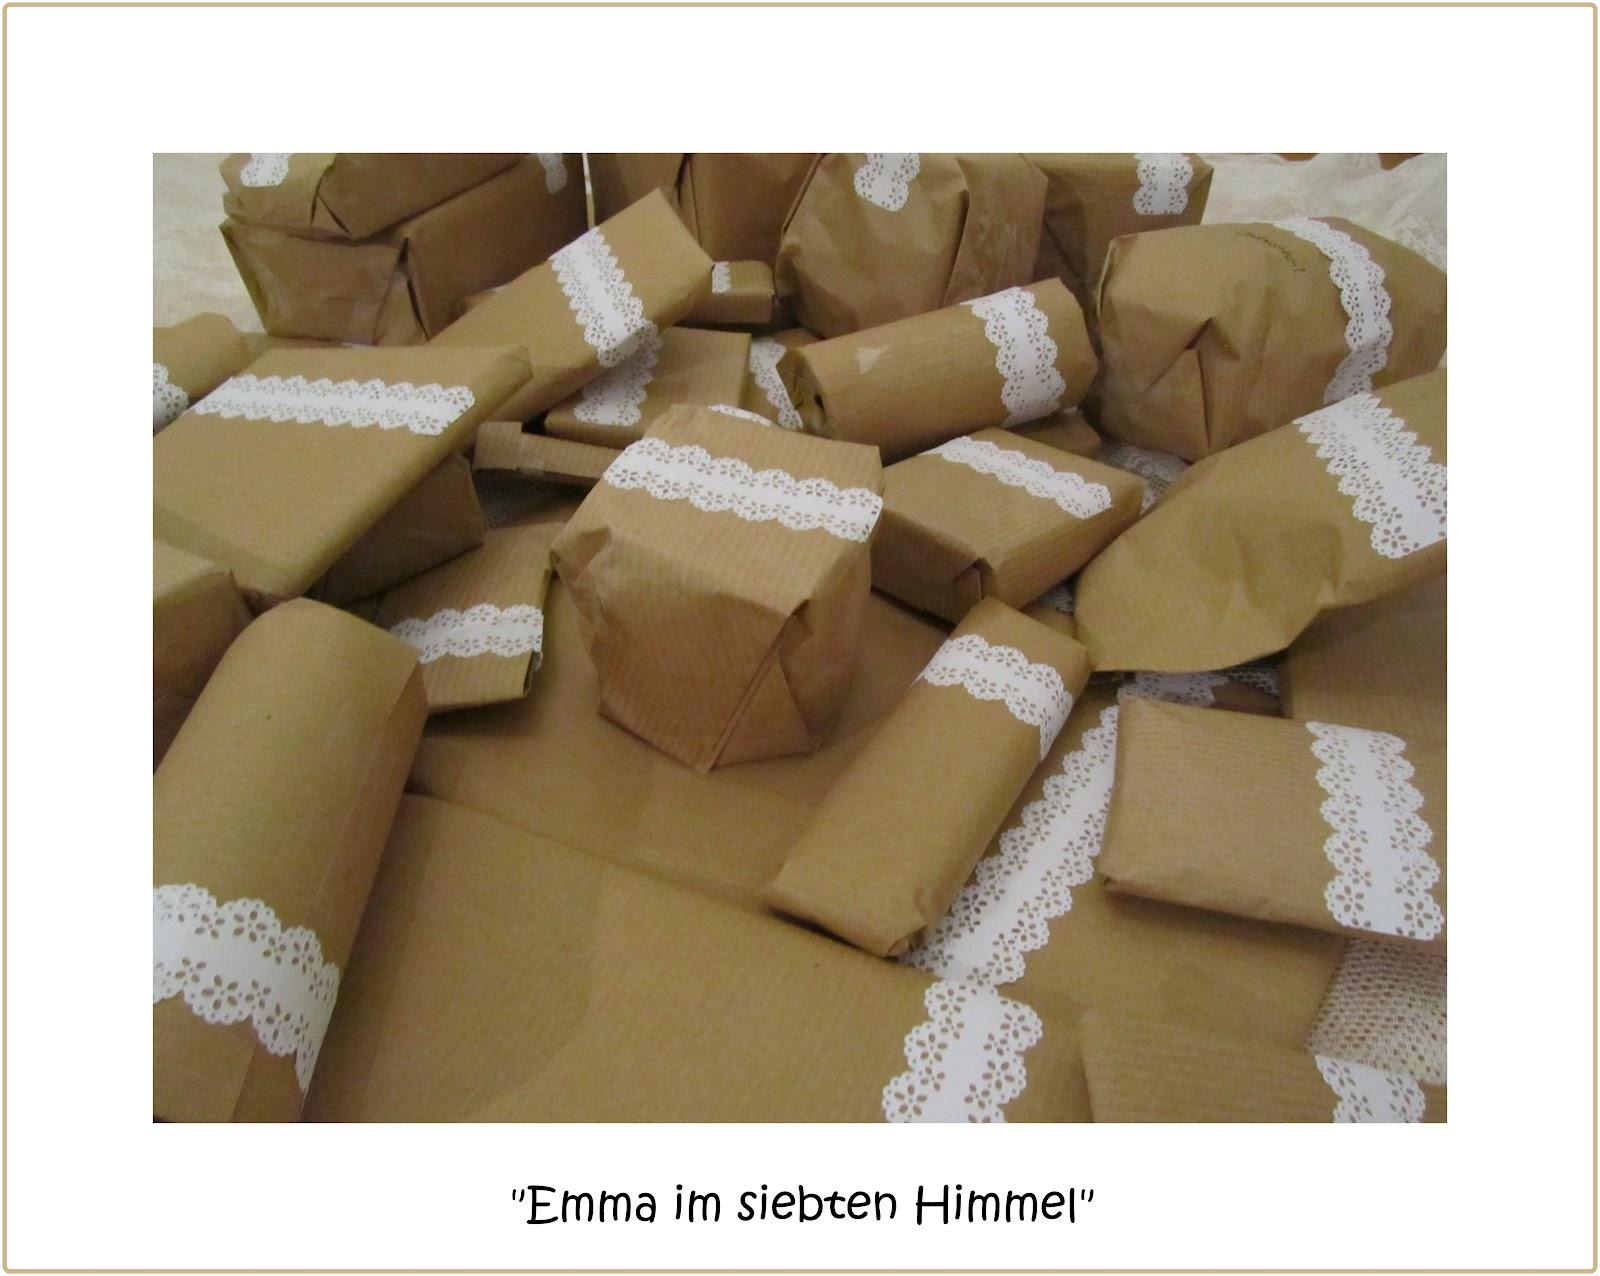 erstaunlich kleine geschenke f r freundin fotos erindzain. Black Bedroom Furniture Sets. Home Design Ideas